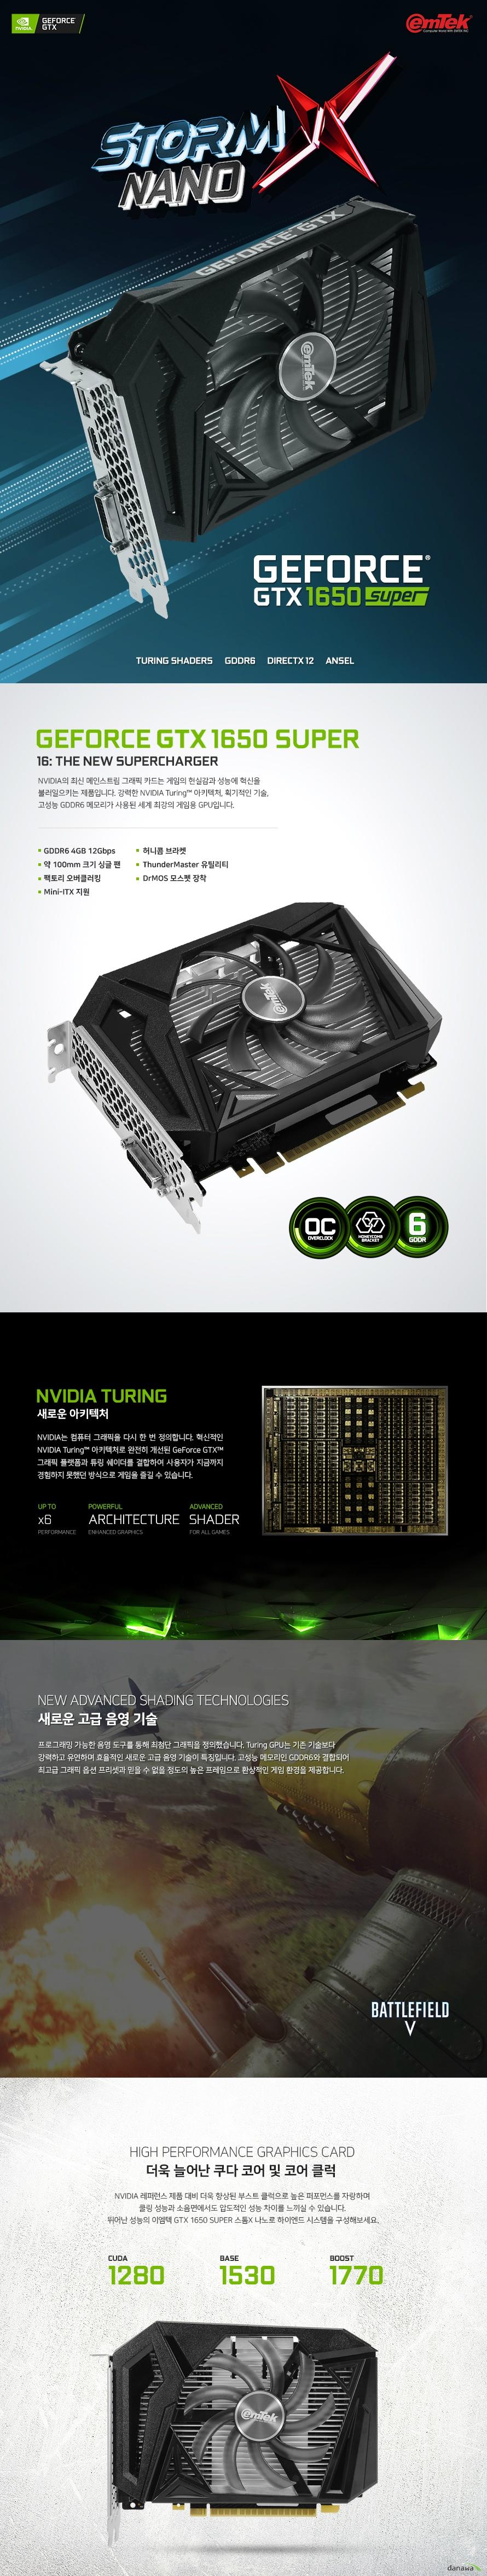 이엠텍 지포스 GTX 1650 SUPER STORM X NANO OC D6 4GB  제품 사이즈  길이 168 밀리미터 높이 126 밀리미터 두께 40 밀리미터  쿠다코어 개수 1280개 베이스 클럭 1530 메가헤르츠 부스트 클럭 1770 메가헤르츠  메모리 버스 128 비트 메모리 타입 gddr6 4기가바이트 메모리 클럭 12000 메가헤르츠  후면 포트 Usb Hdmi 2.0b 포트 1개  Dp1.4 포트 1개 Dl-DVI-D 1개  최대 7680 4320 해상도 지원 최대 멀티 디스플레이 3대 지원  소비 전력 100와트 권장 전력 350와트 6핀 전원 커넥터 지원  지원 운영체제 윈도우 10 8 7 32 및 64비트 지원 kc인증번호 r-r-emt-emt-N165-S